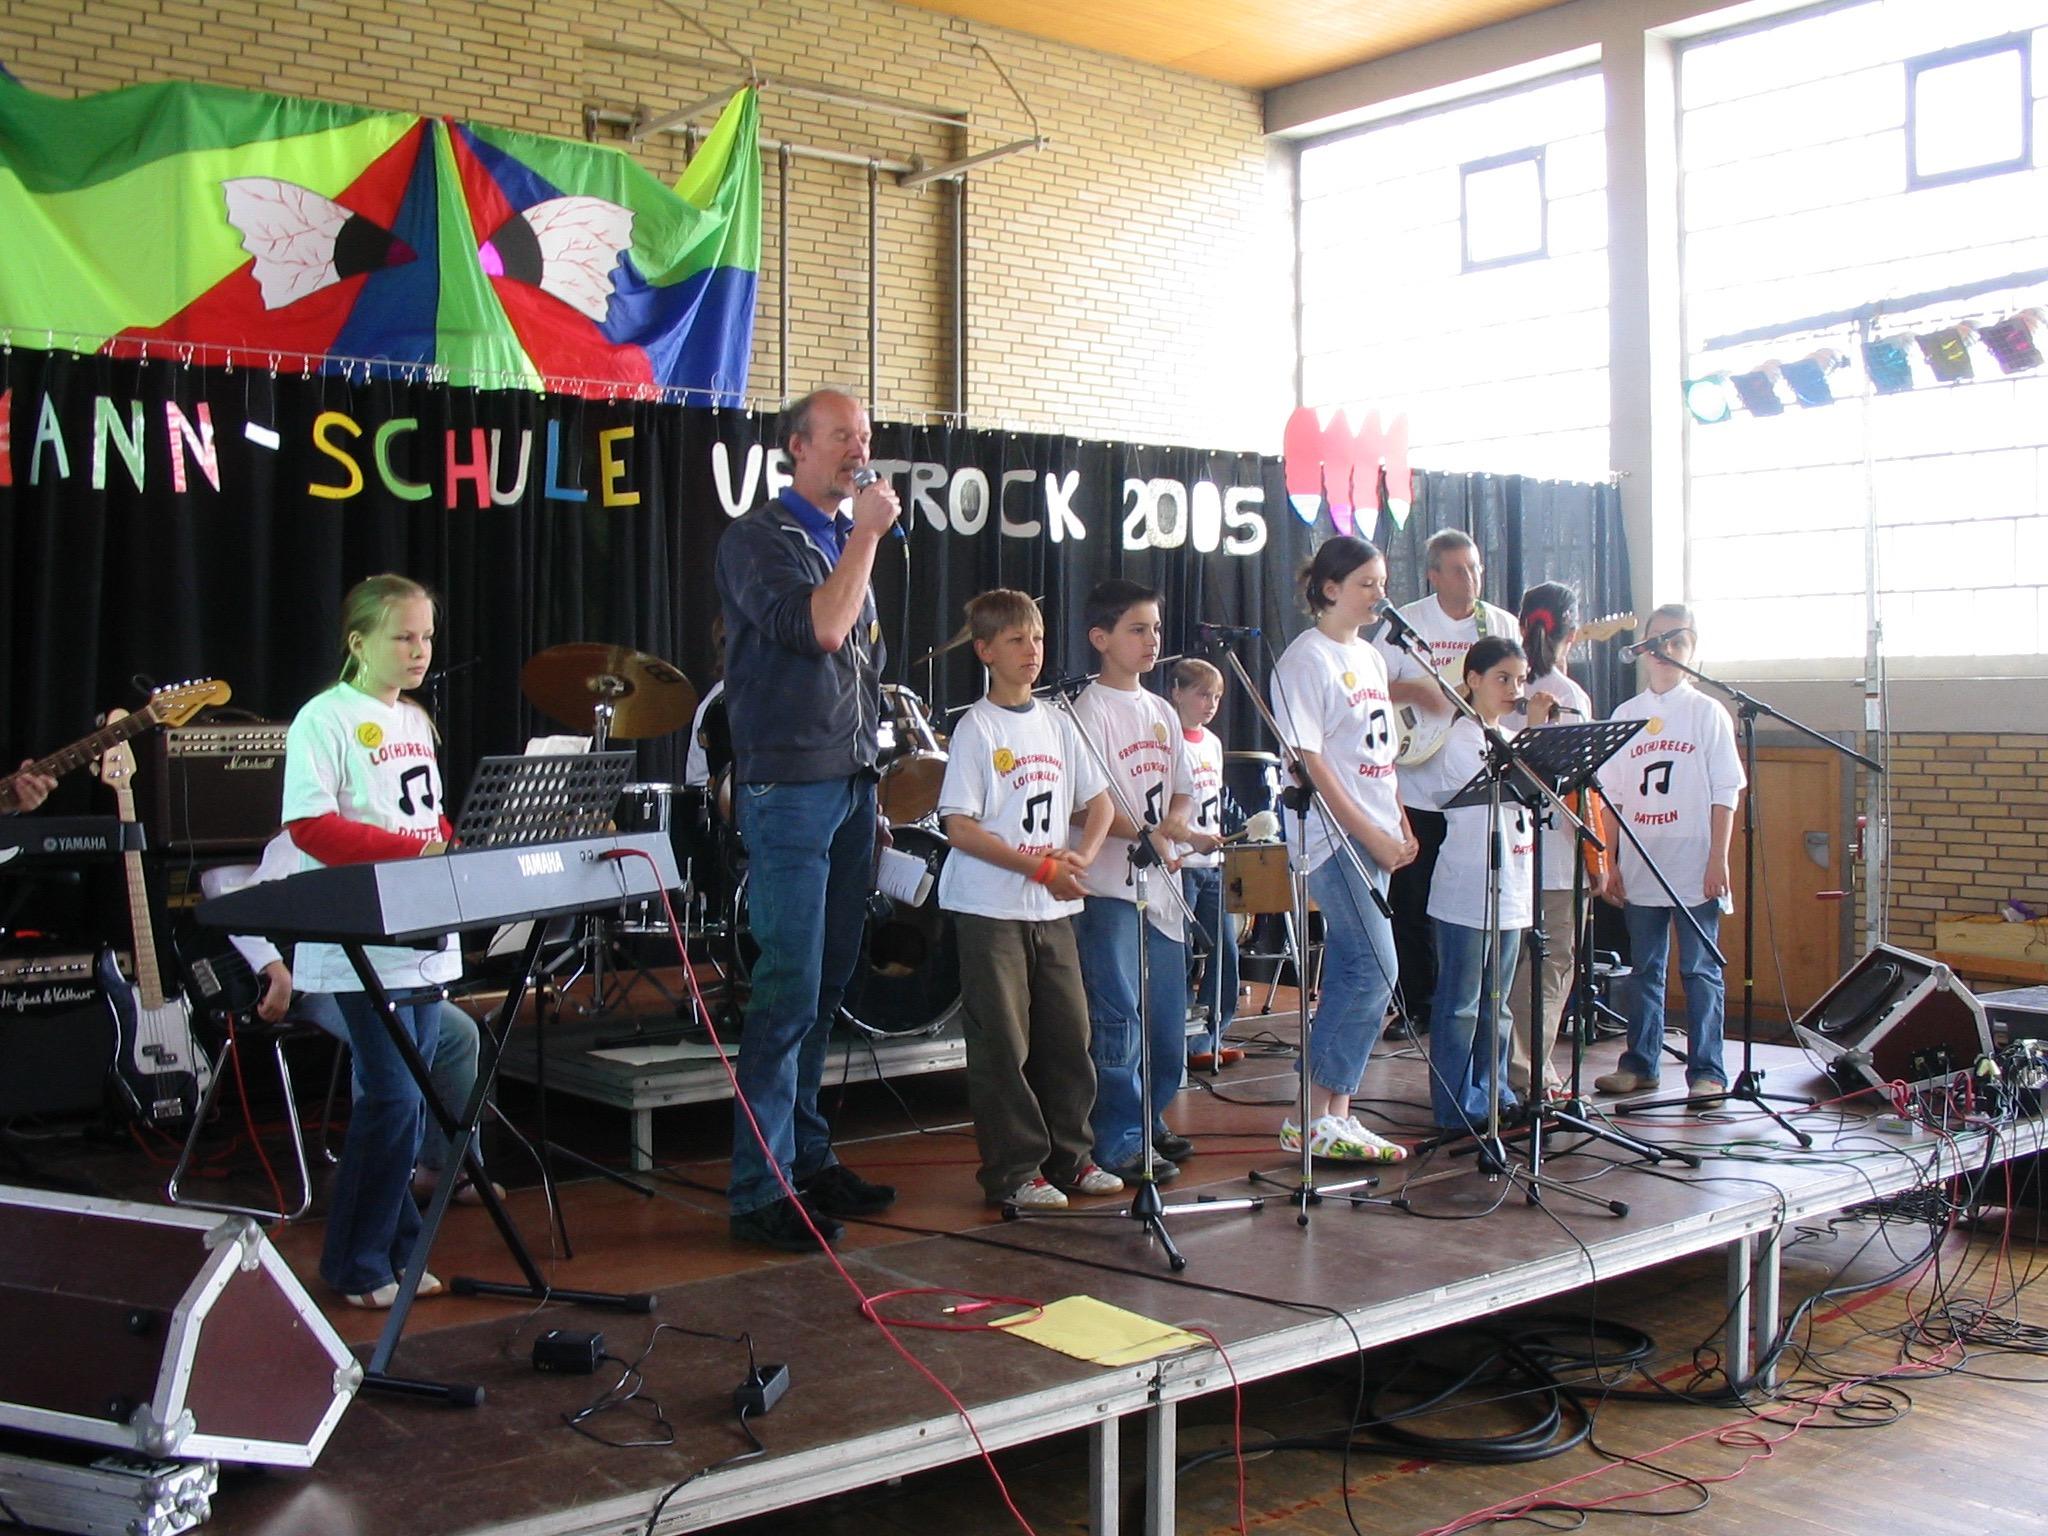 Vestrock Archiv – Zehnjähriges Jubiläum